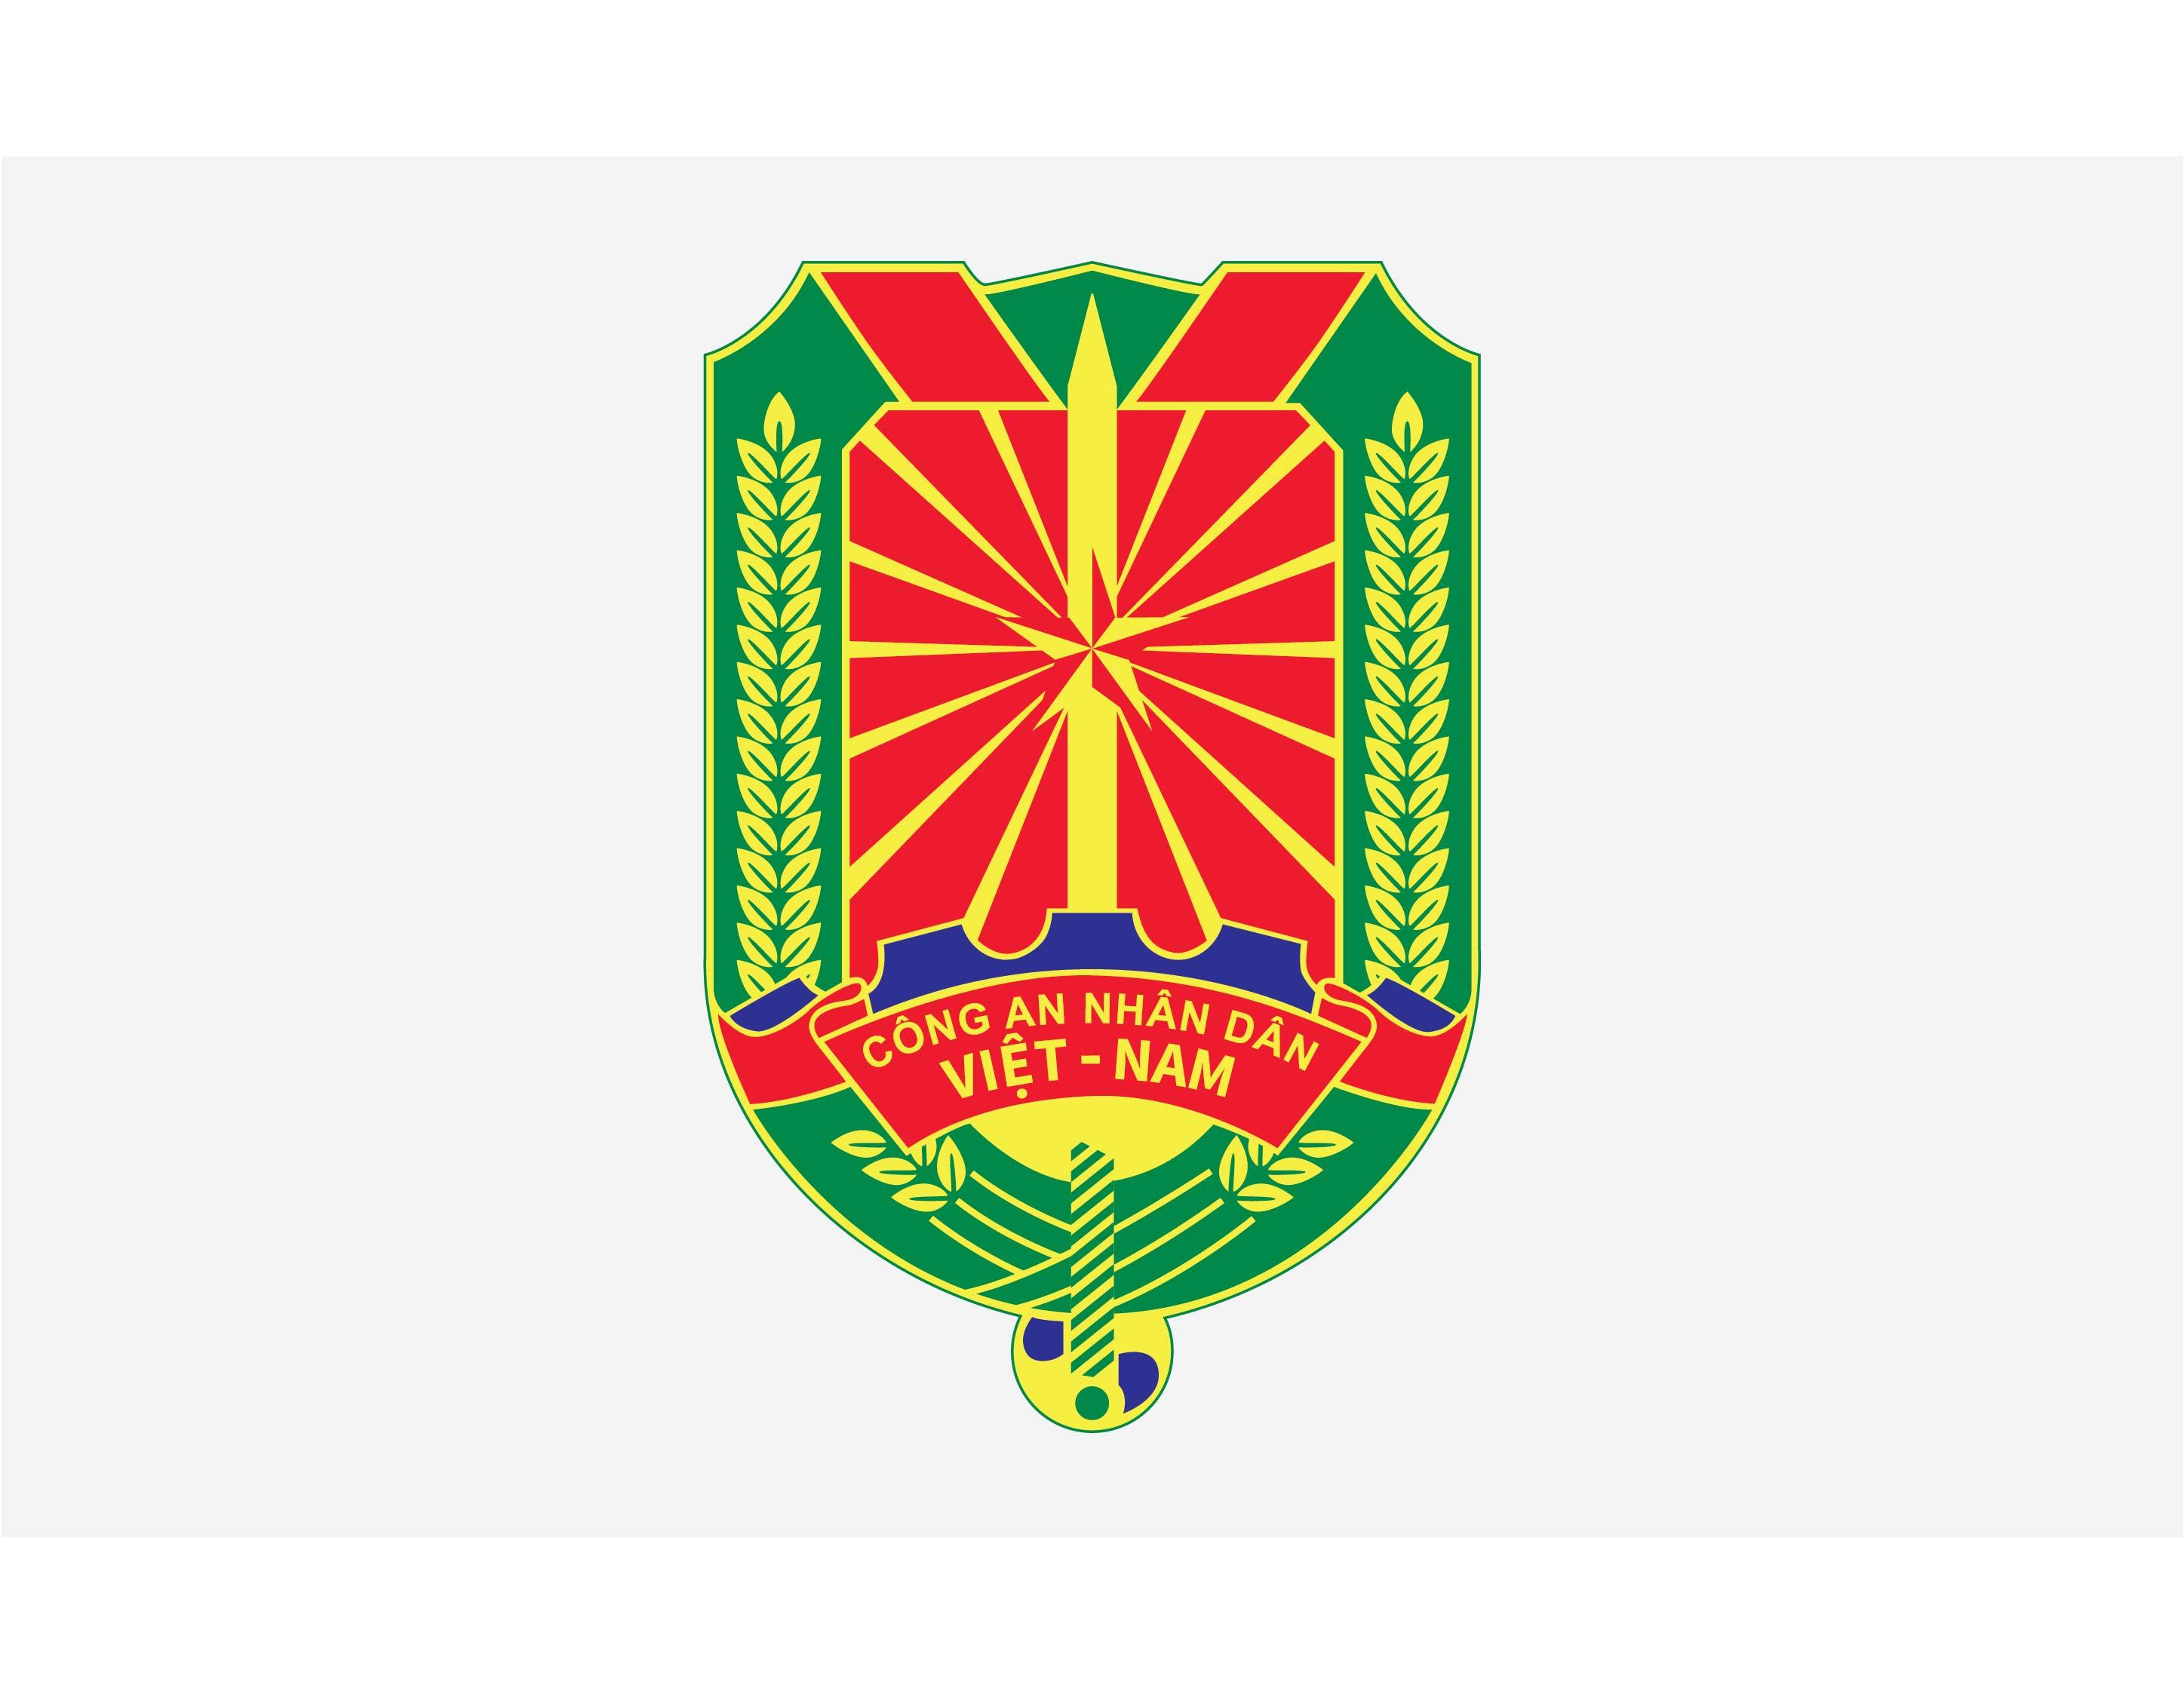 Logo Công An Nhân Dân vector – Tải miễn phí file ai, eps, pdf, png